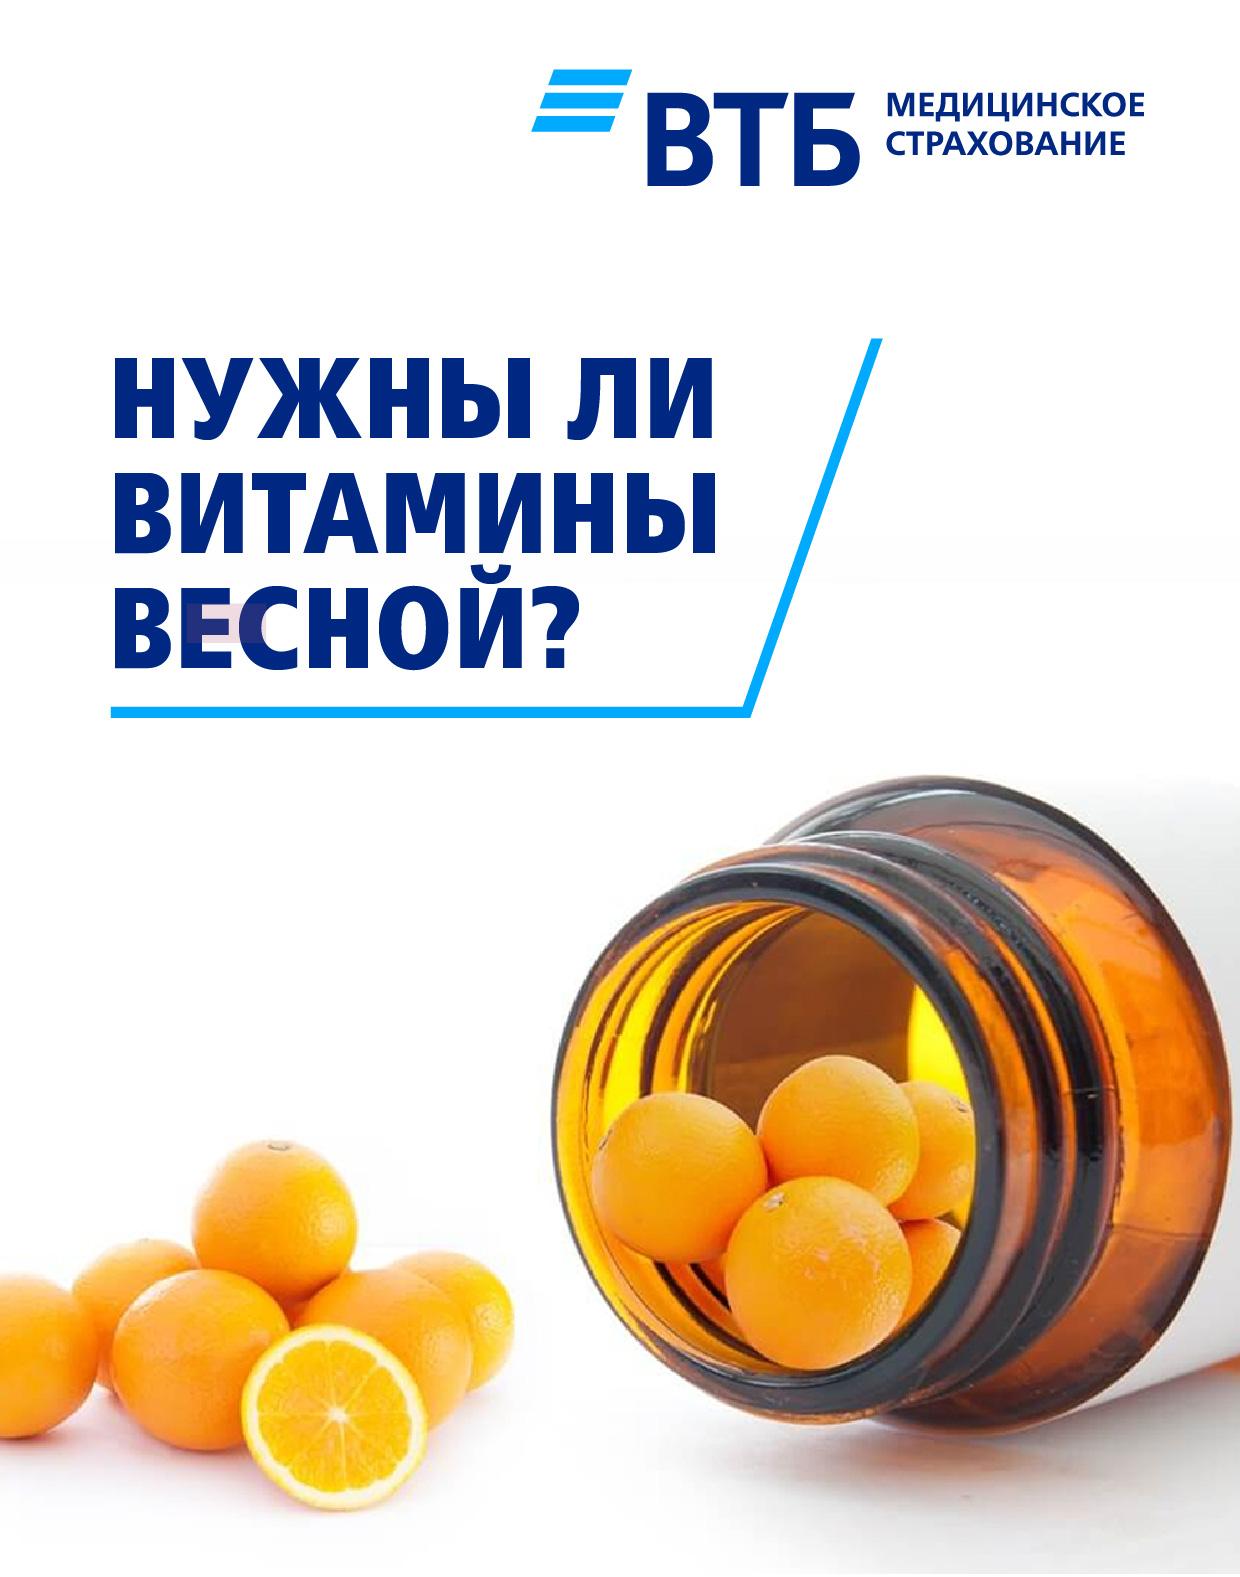 Нужны ли витамины весной? Отвечает ВТБ Медицинское страхование